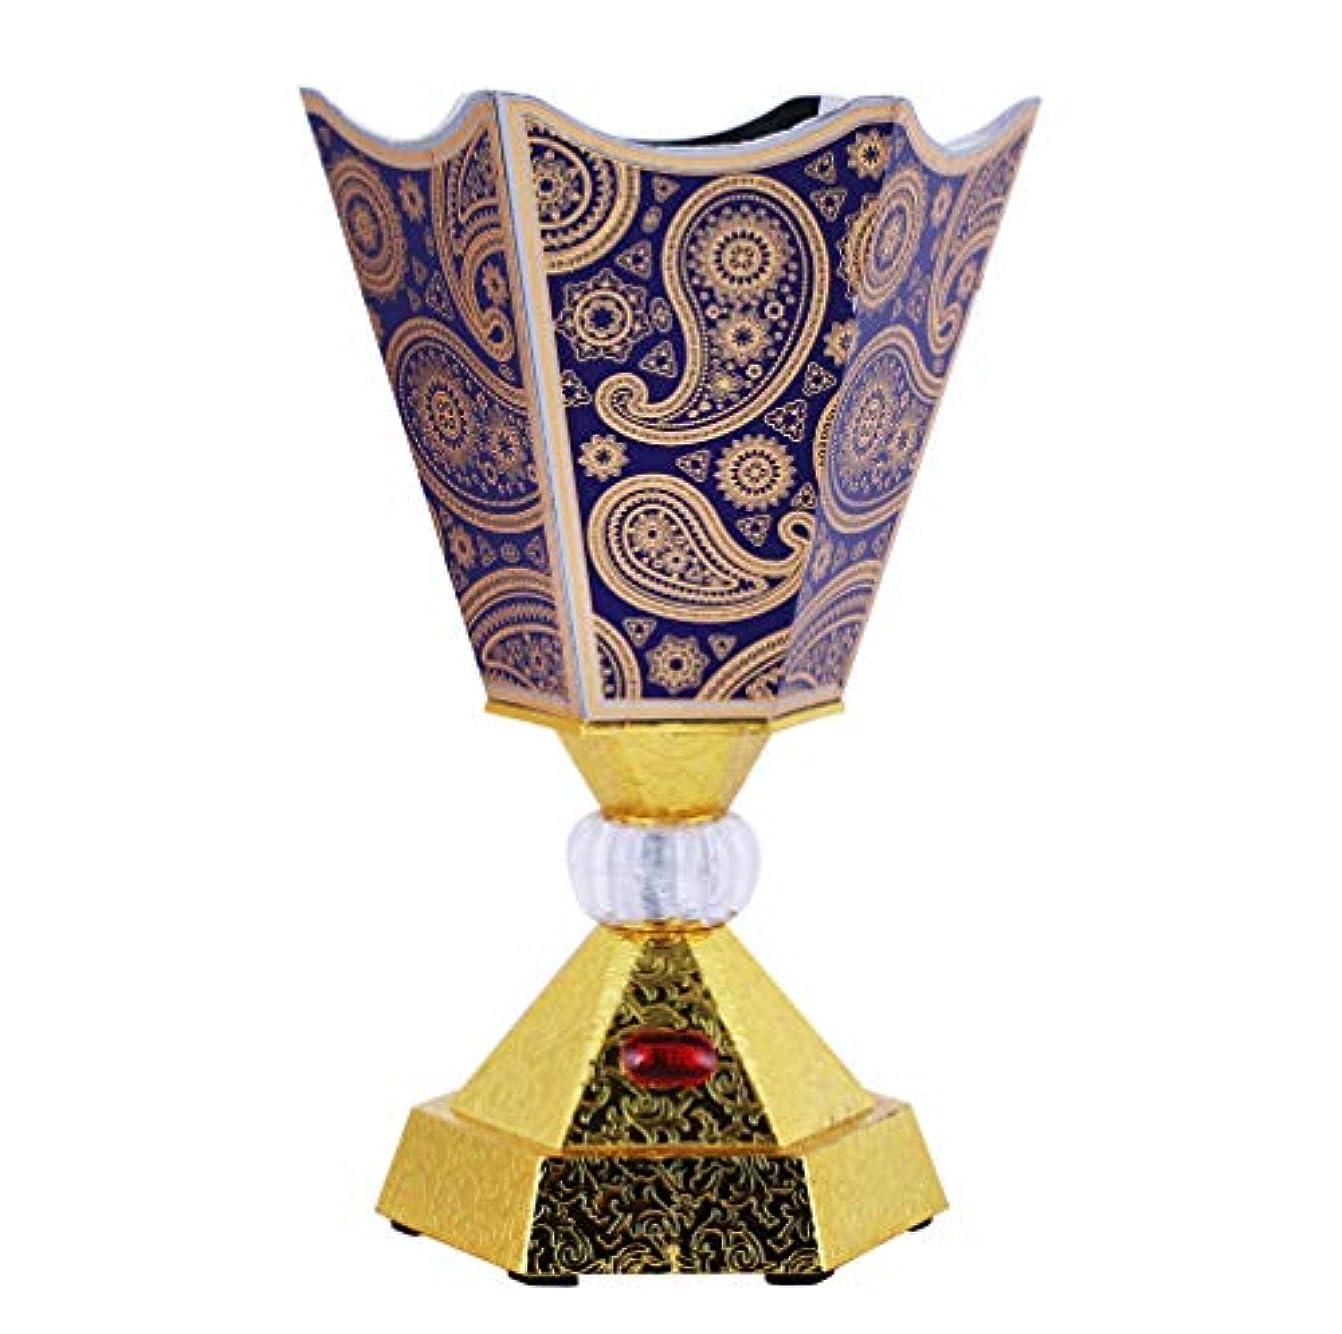 理容師美人勝者Vintage Style Incense Bakhoor/Oud Burner Frankincense Incense Holder Electric, Best for Gifting